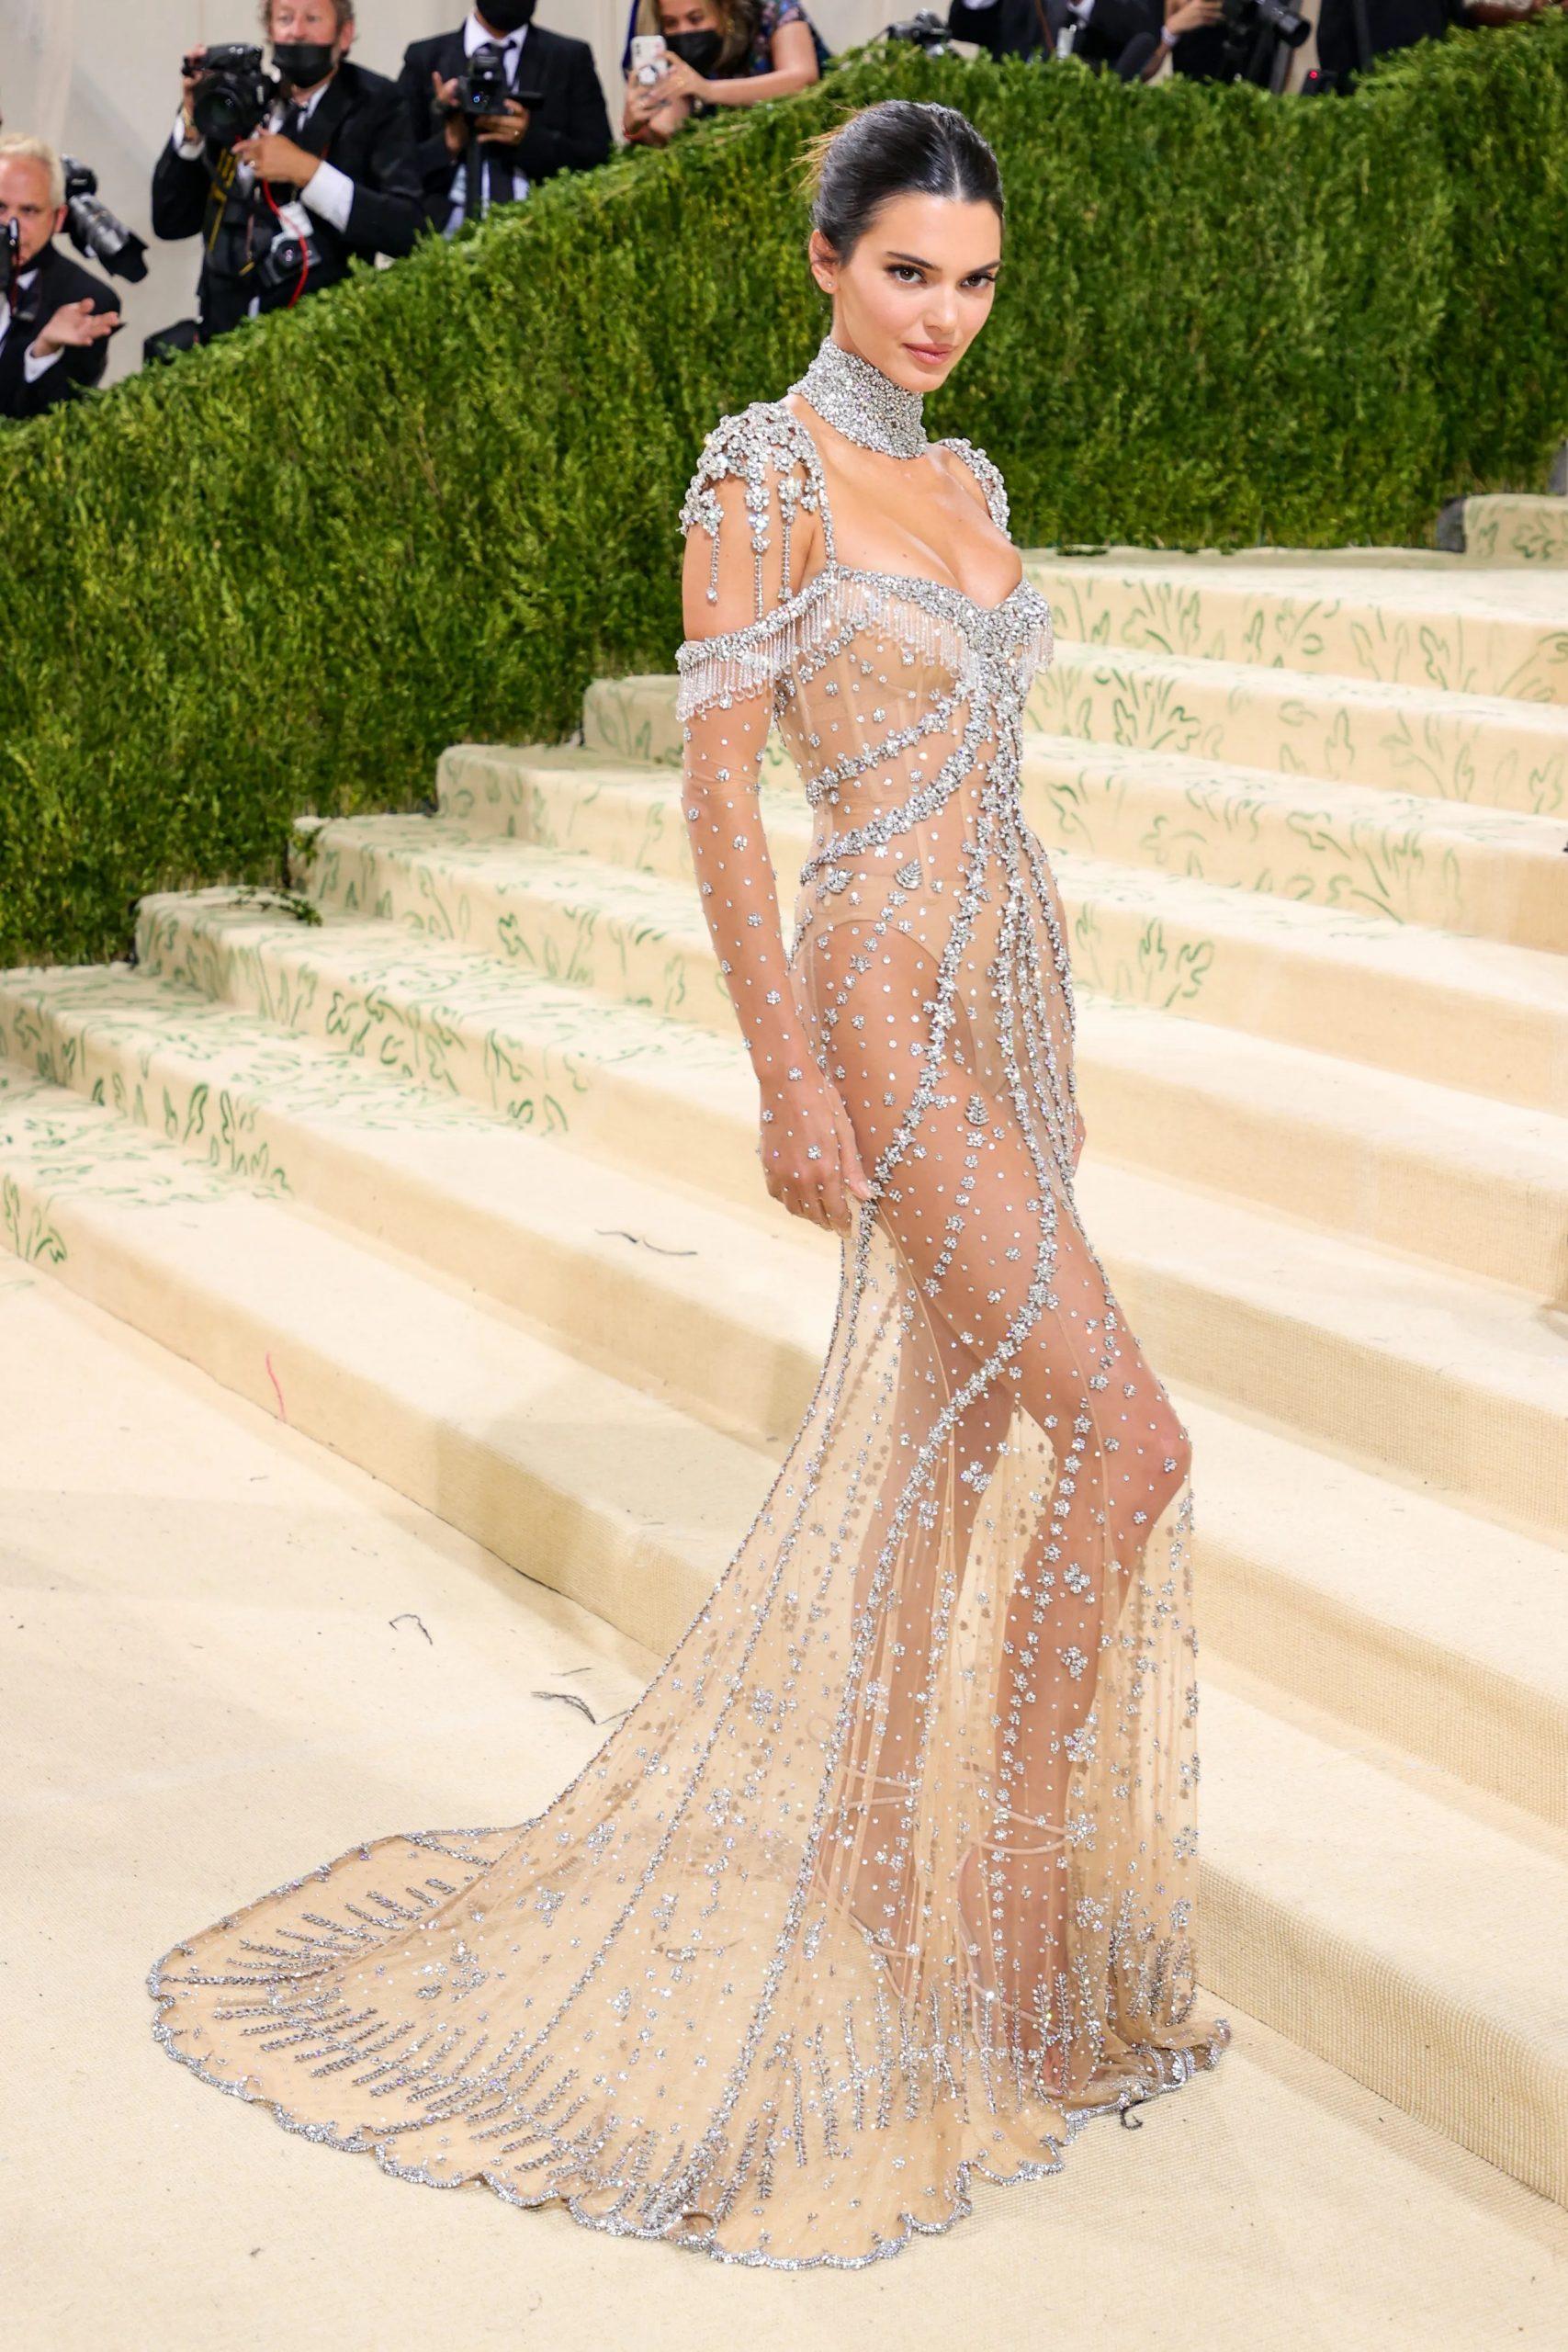 Kendall Jenner, MET GALA 2021, Los vestidos más cool y originales de la MET GALA 2021 - Wedding Hub - 01